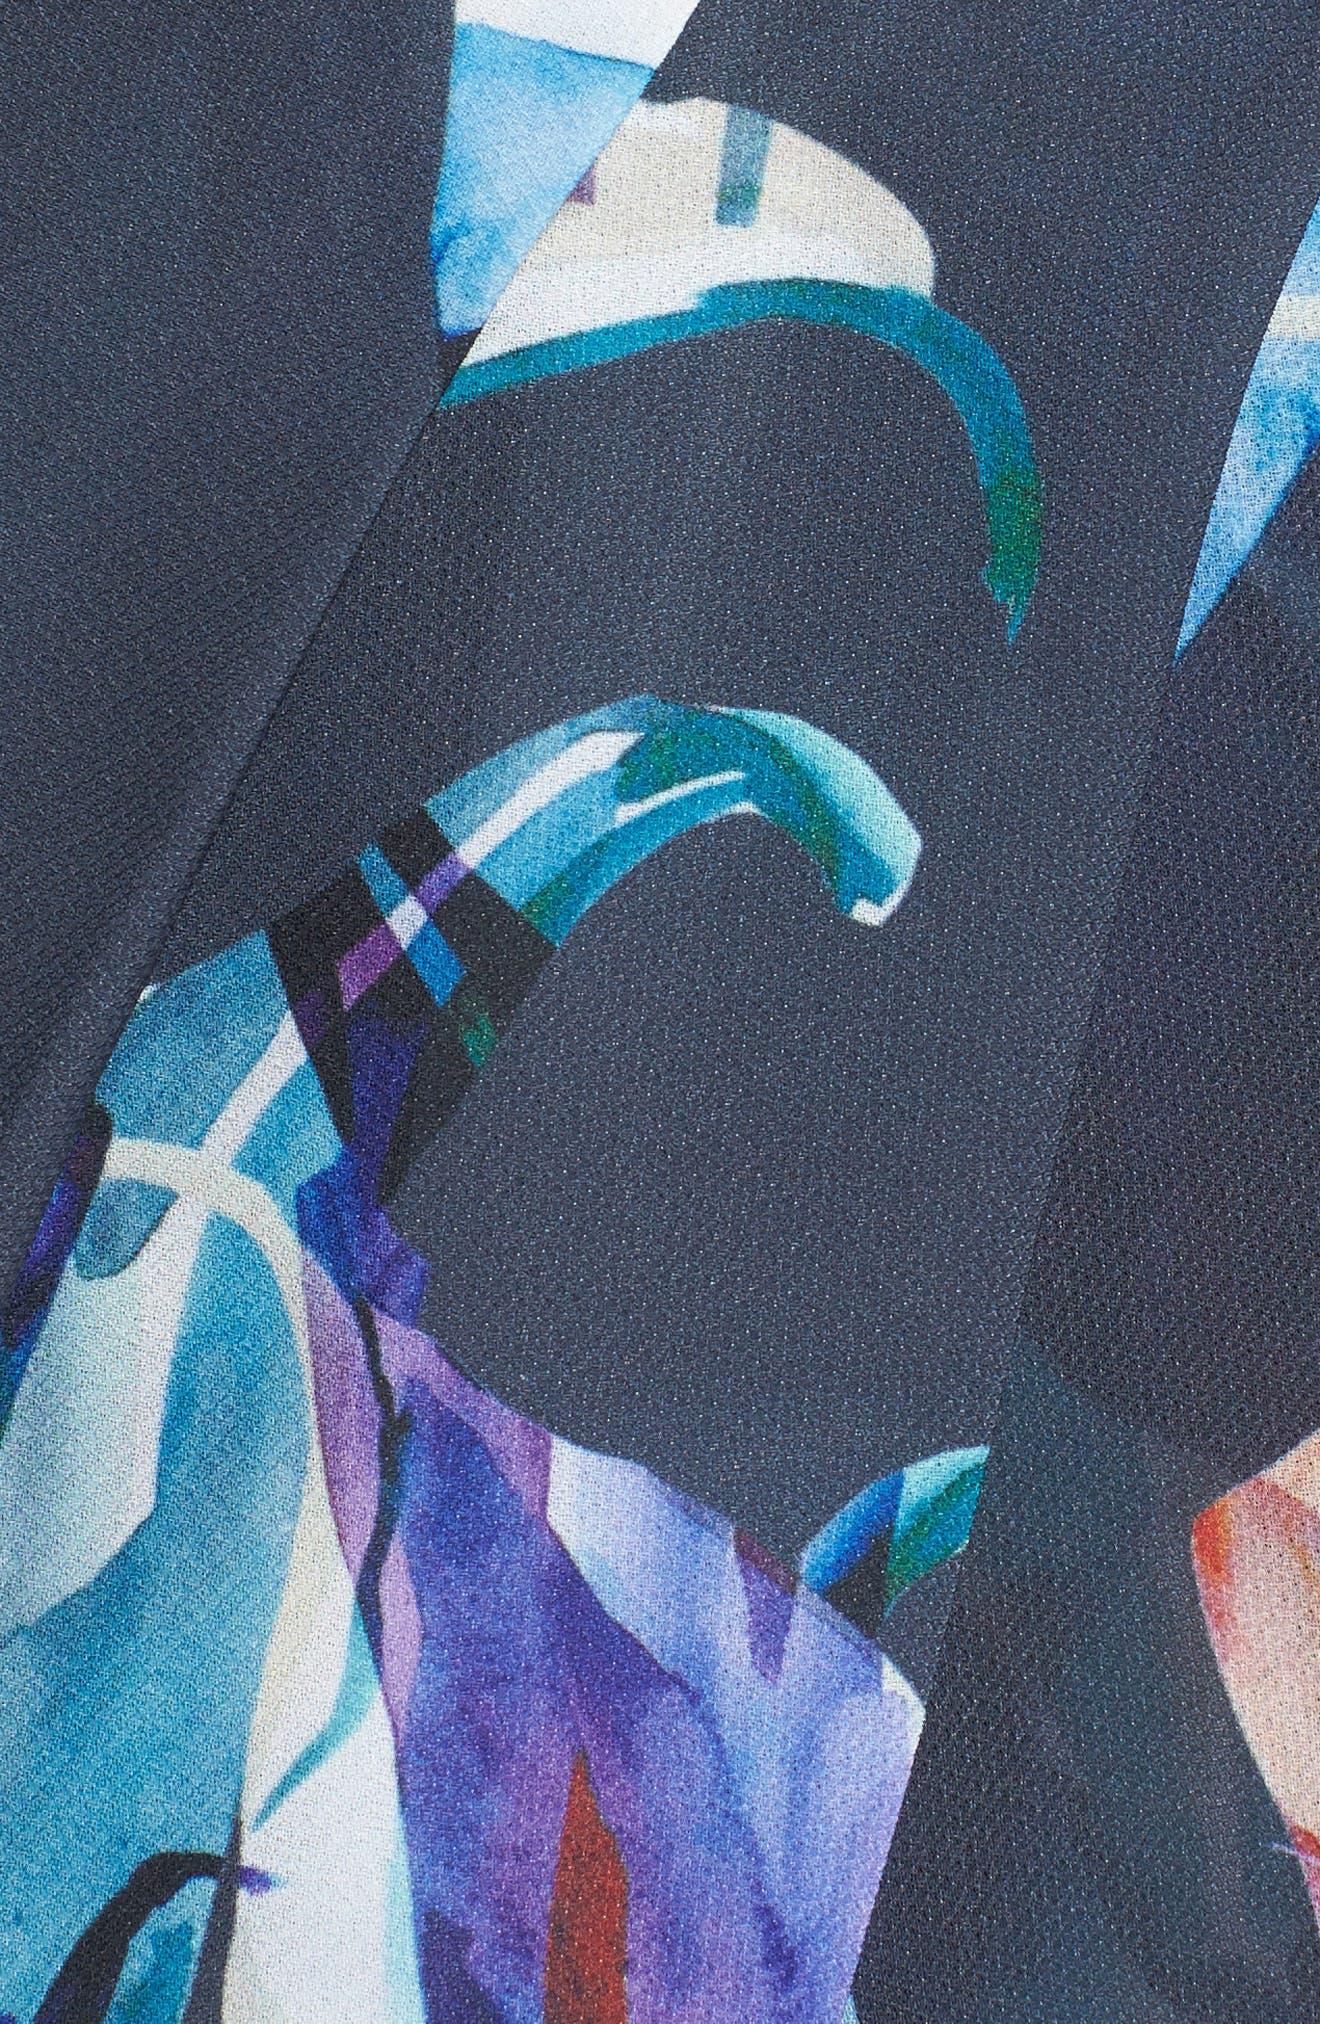 Romanticise Midi Dress,                             Alternate thumbnail 5, color,                             Black/ Aqua